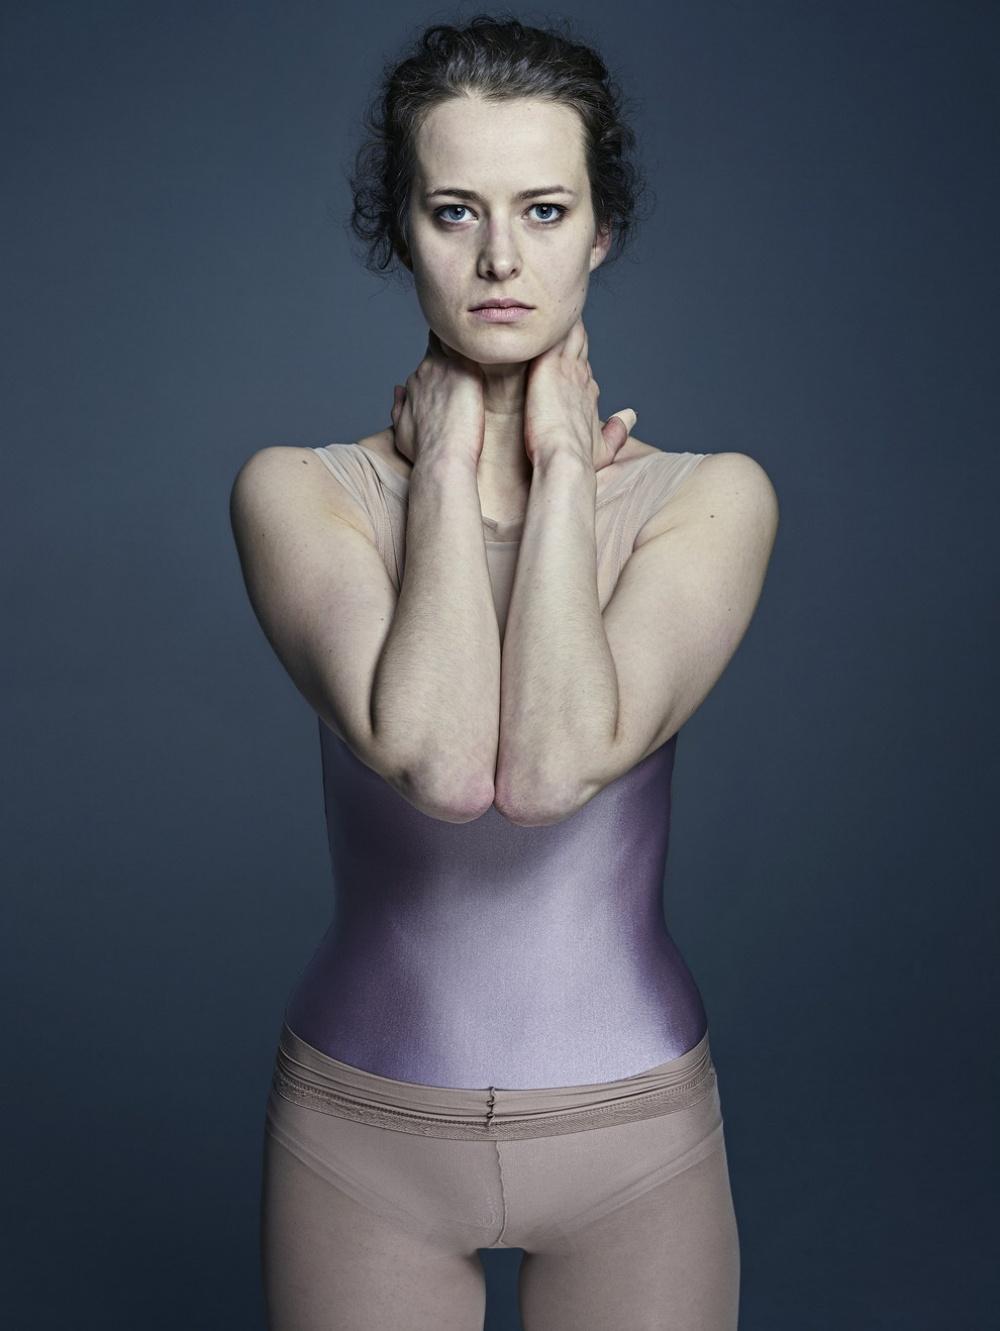 Рик Гест: «Танец намеренно утаивает от наблюдателя усилия, которые были приложены для его создания.